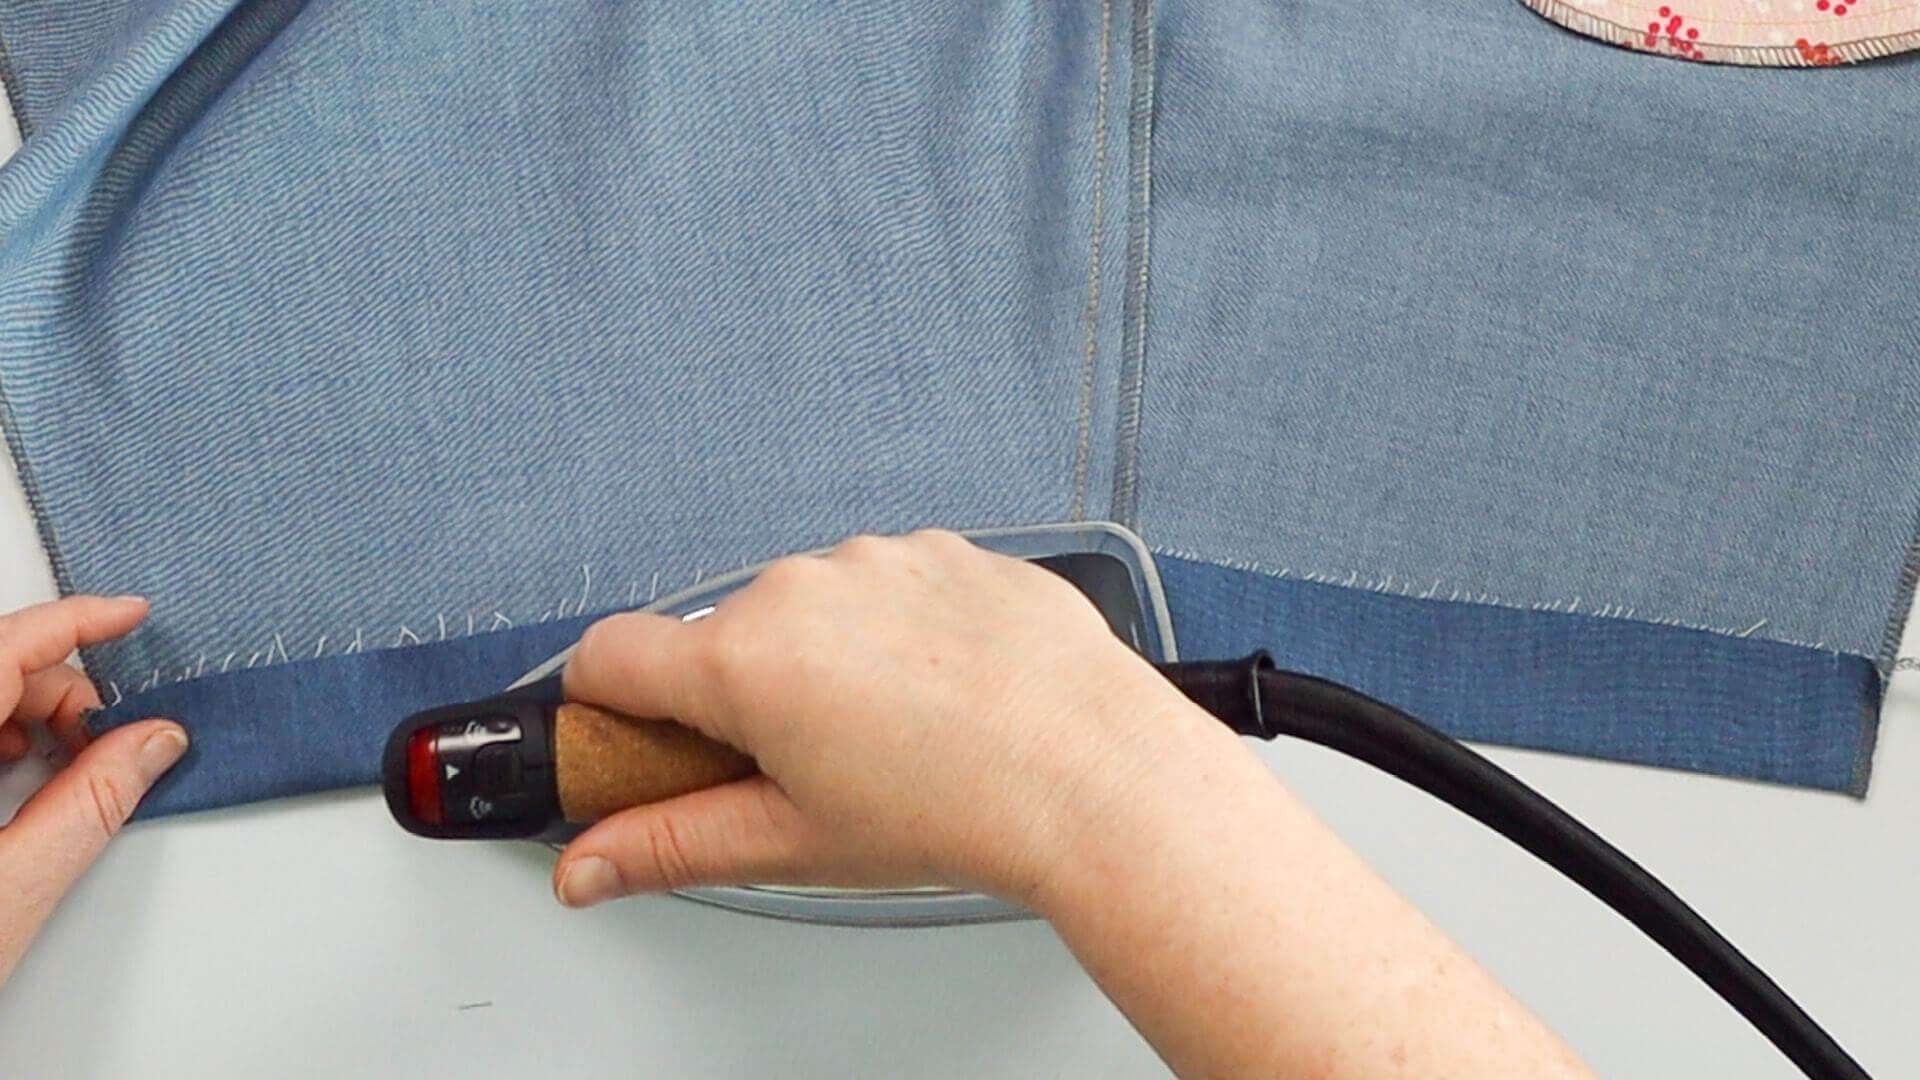 Hosensaum #S01 selber nähen-DIY- Saumeinschlag nach innen bügeln